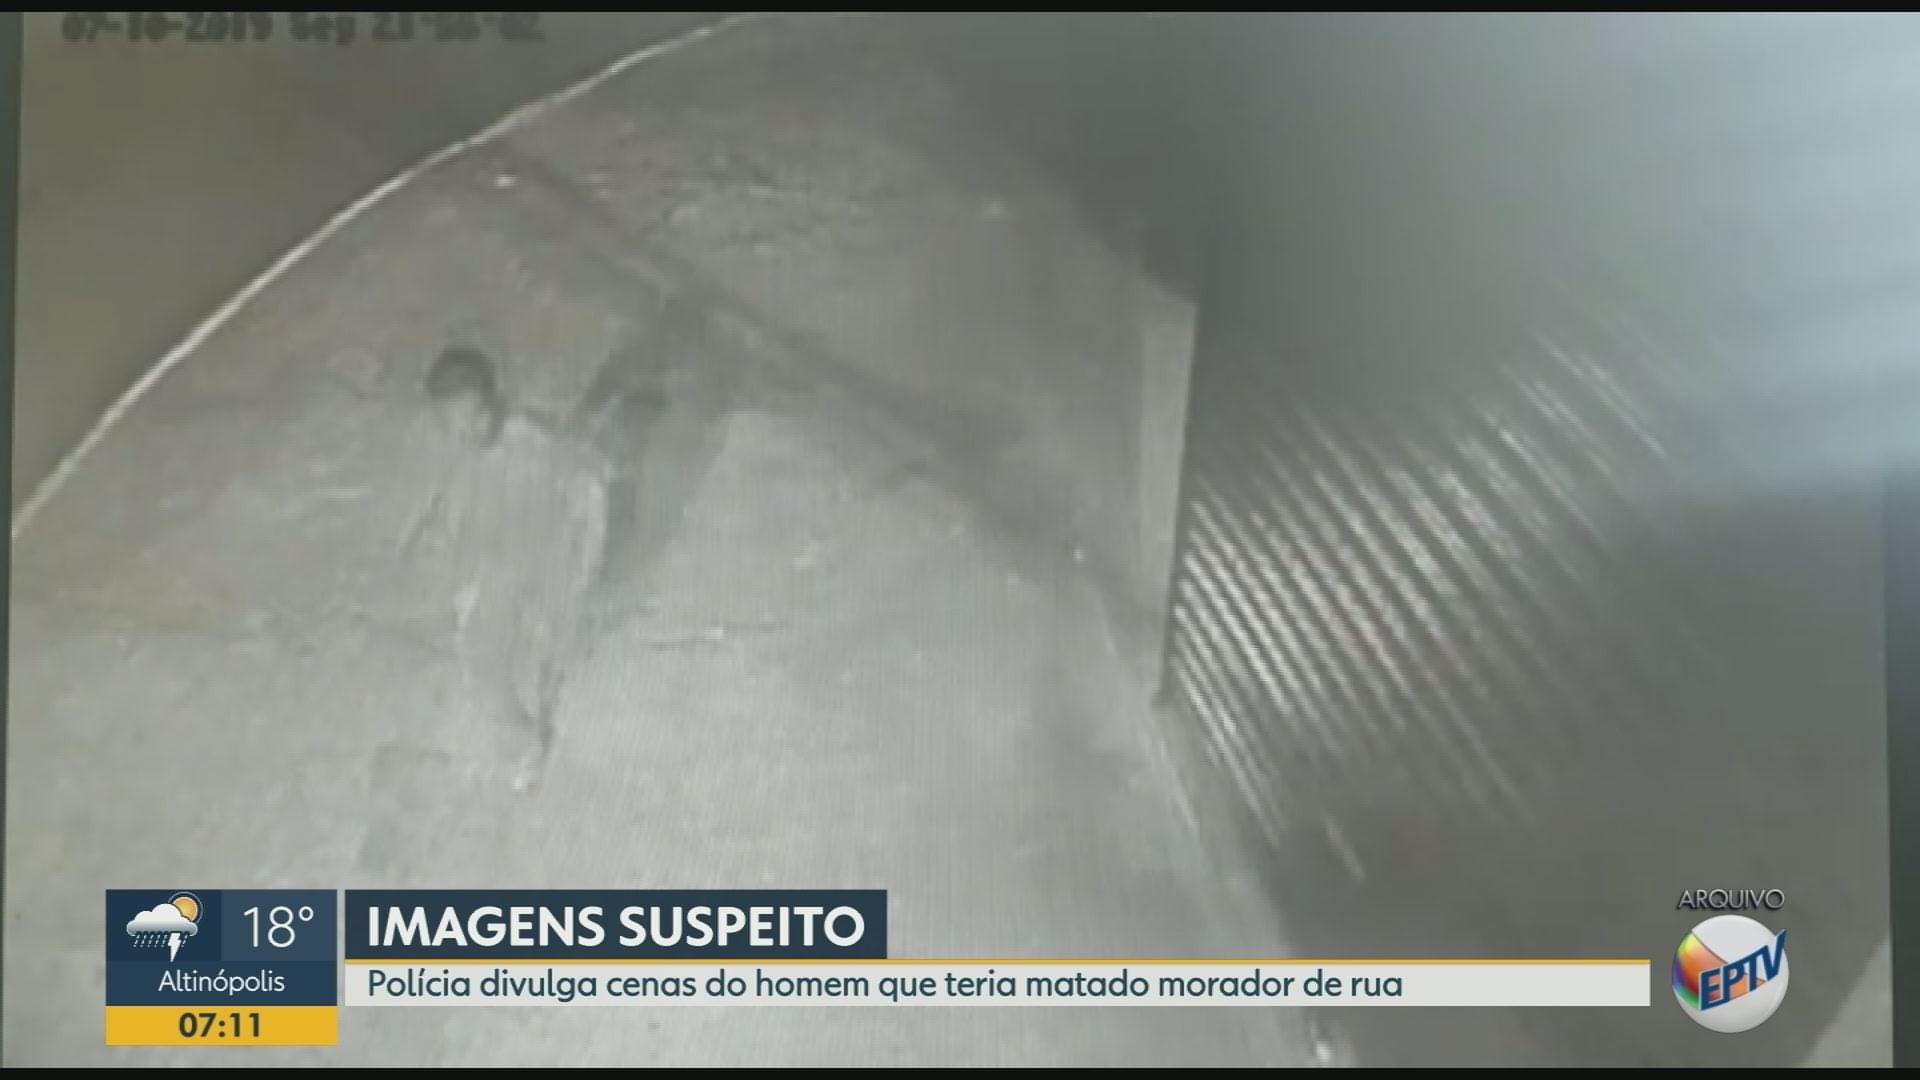 VÍDEOS: Bom Dia Cidade Ribeirão Preto de quarta-feira, 16 de outubro - Notícias - Plantão Diário